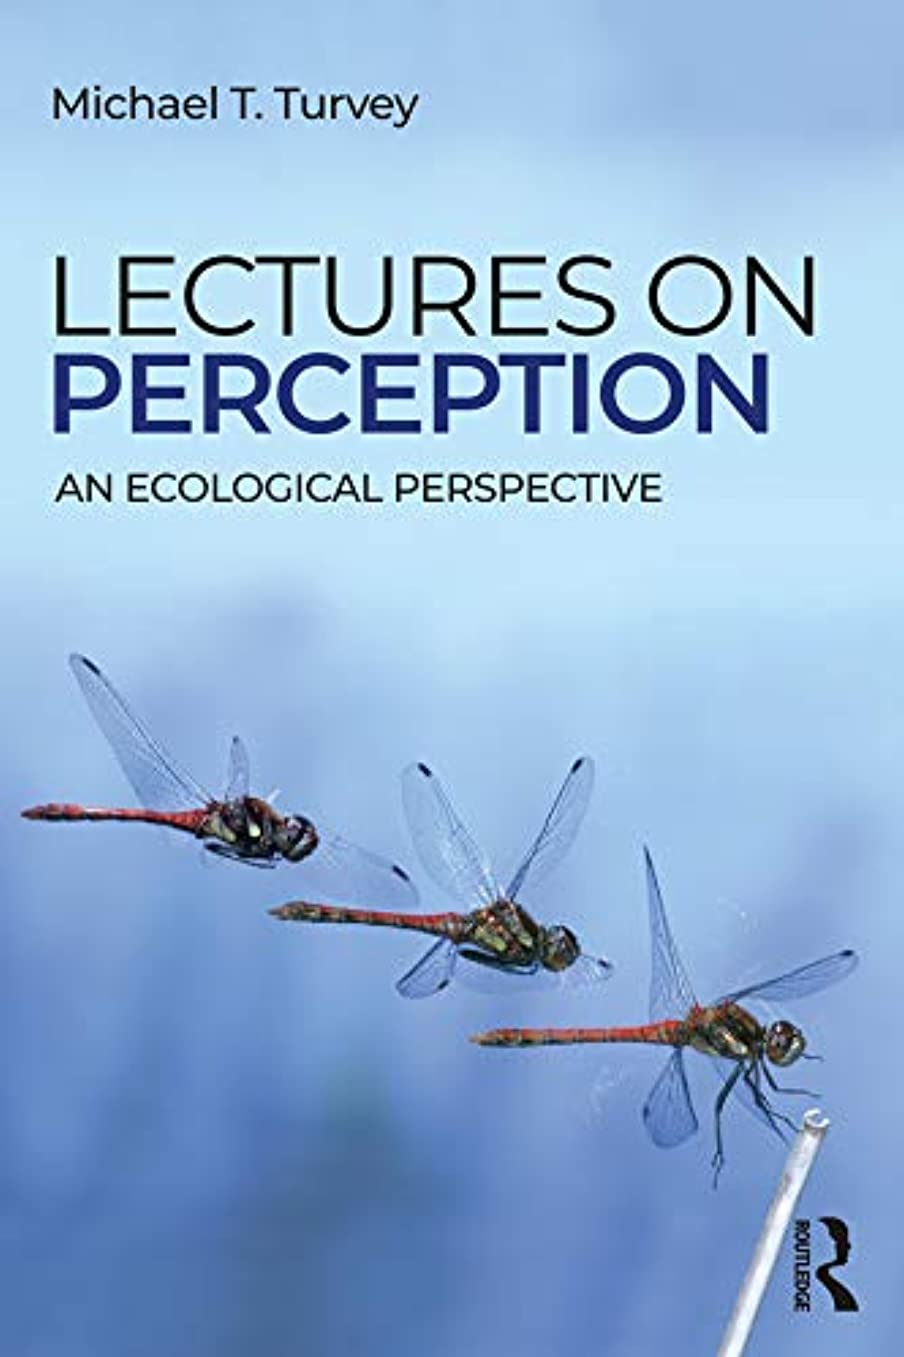 面倒略す低いLectures on Perception: An Ecological Perspective (English Edition)